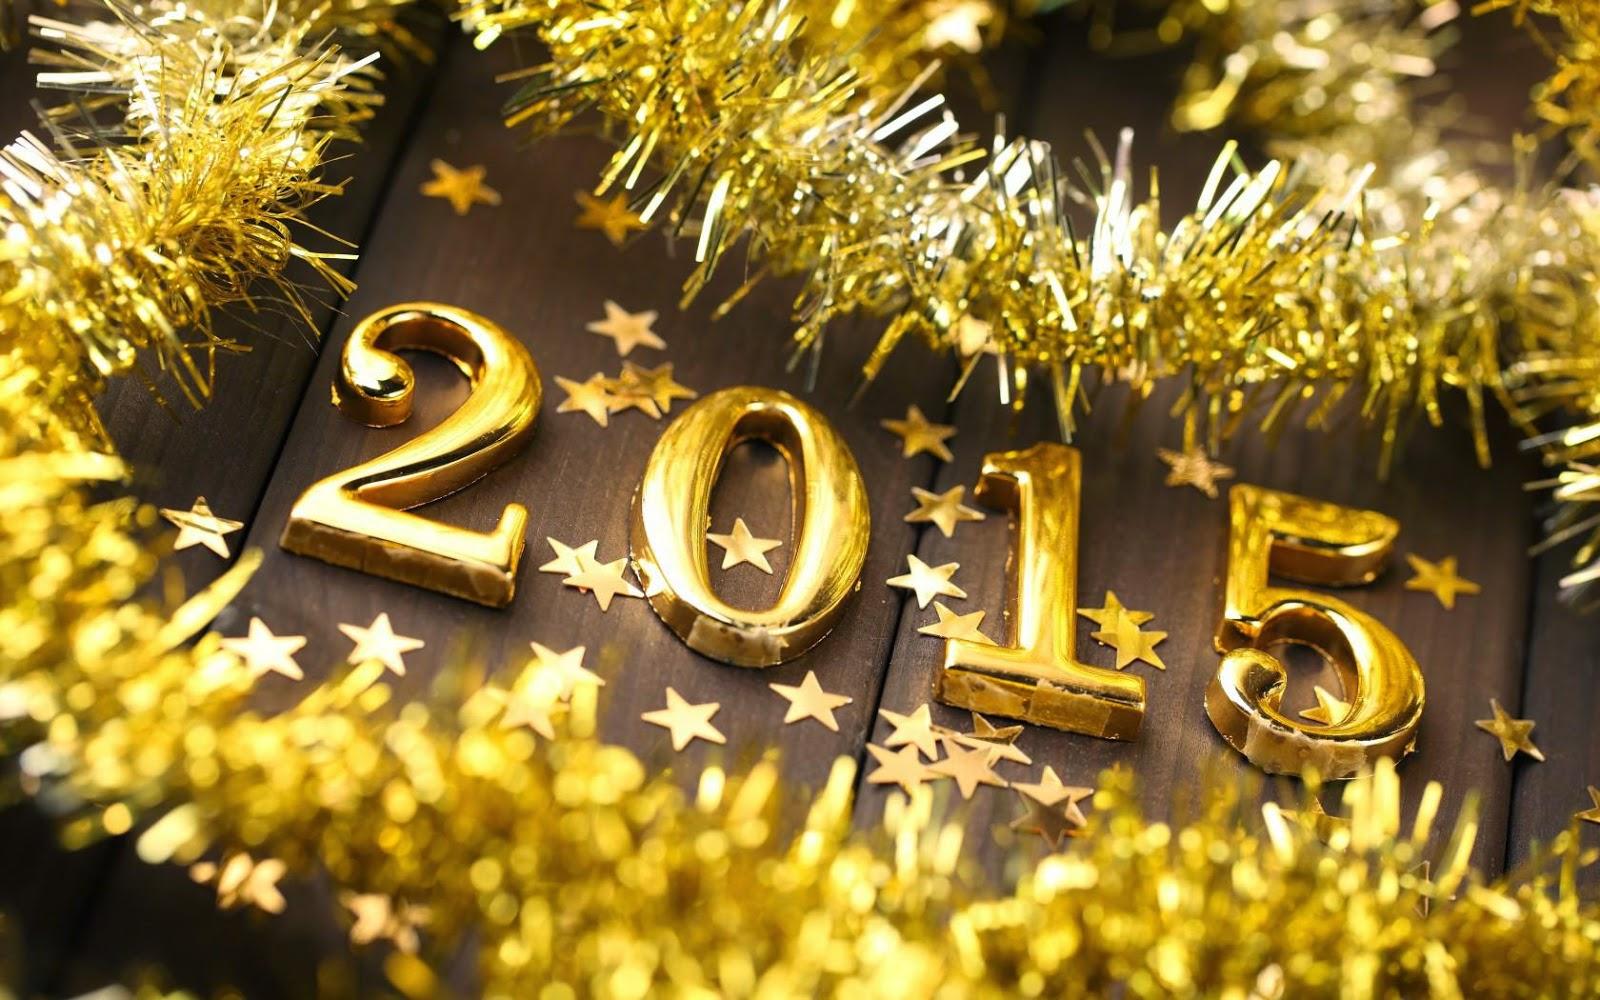 Happy new year 2015 from Kereta Sewa Tawau J3